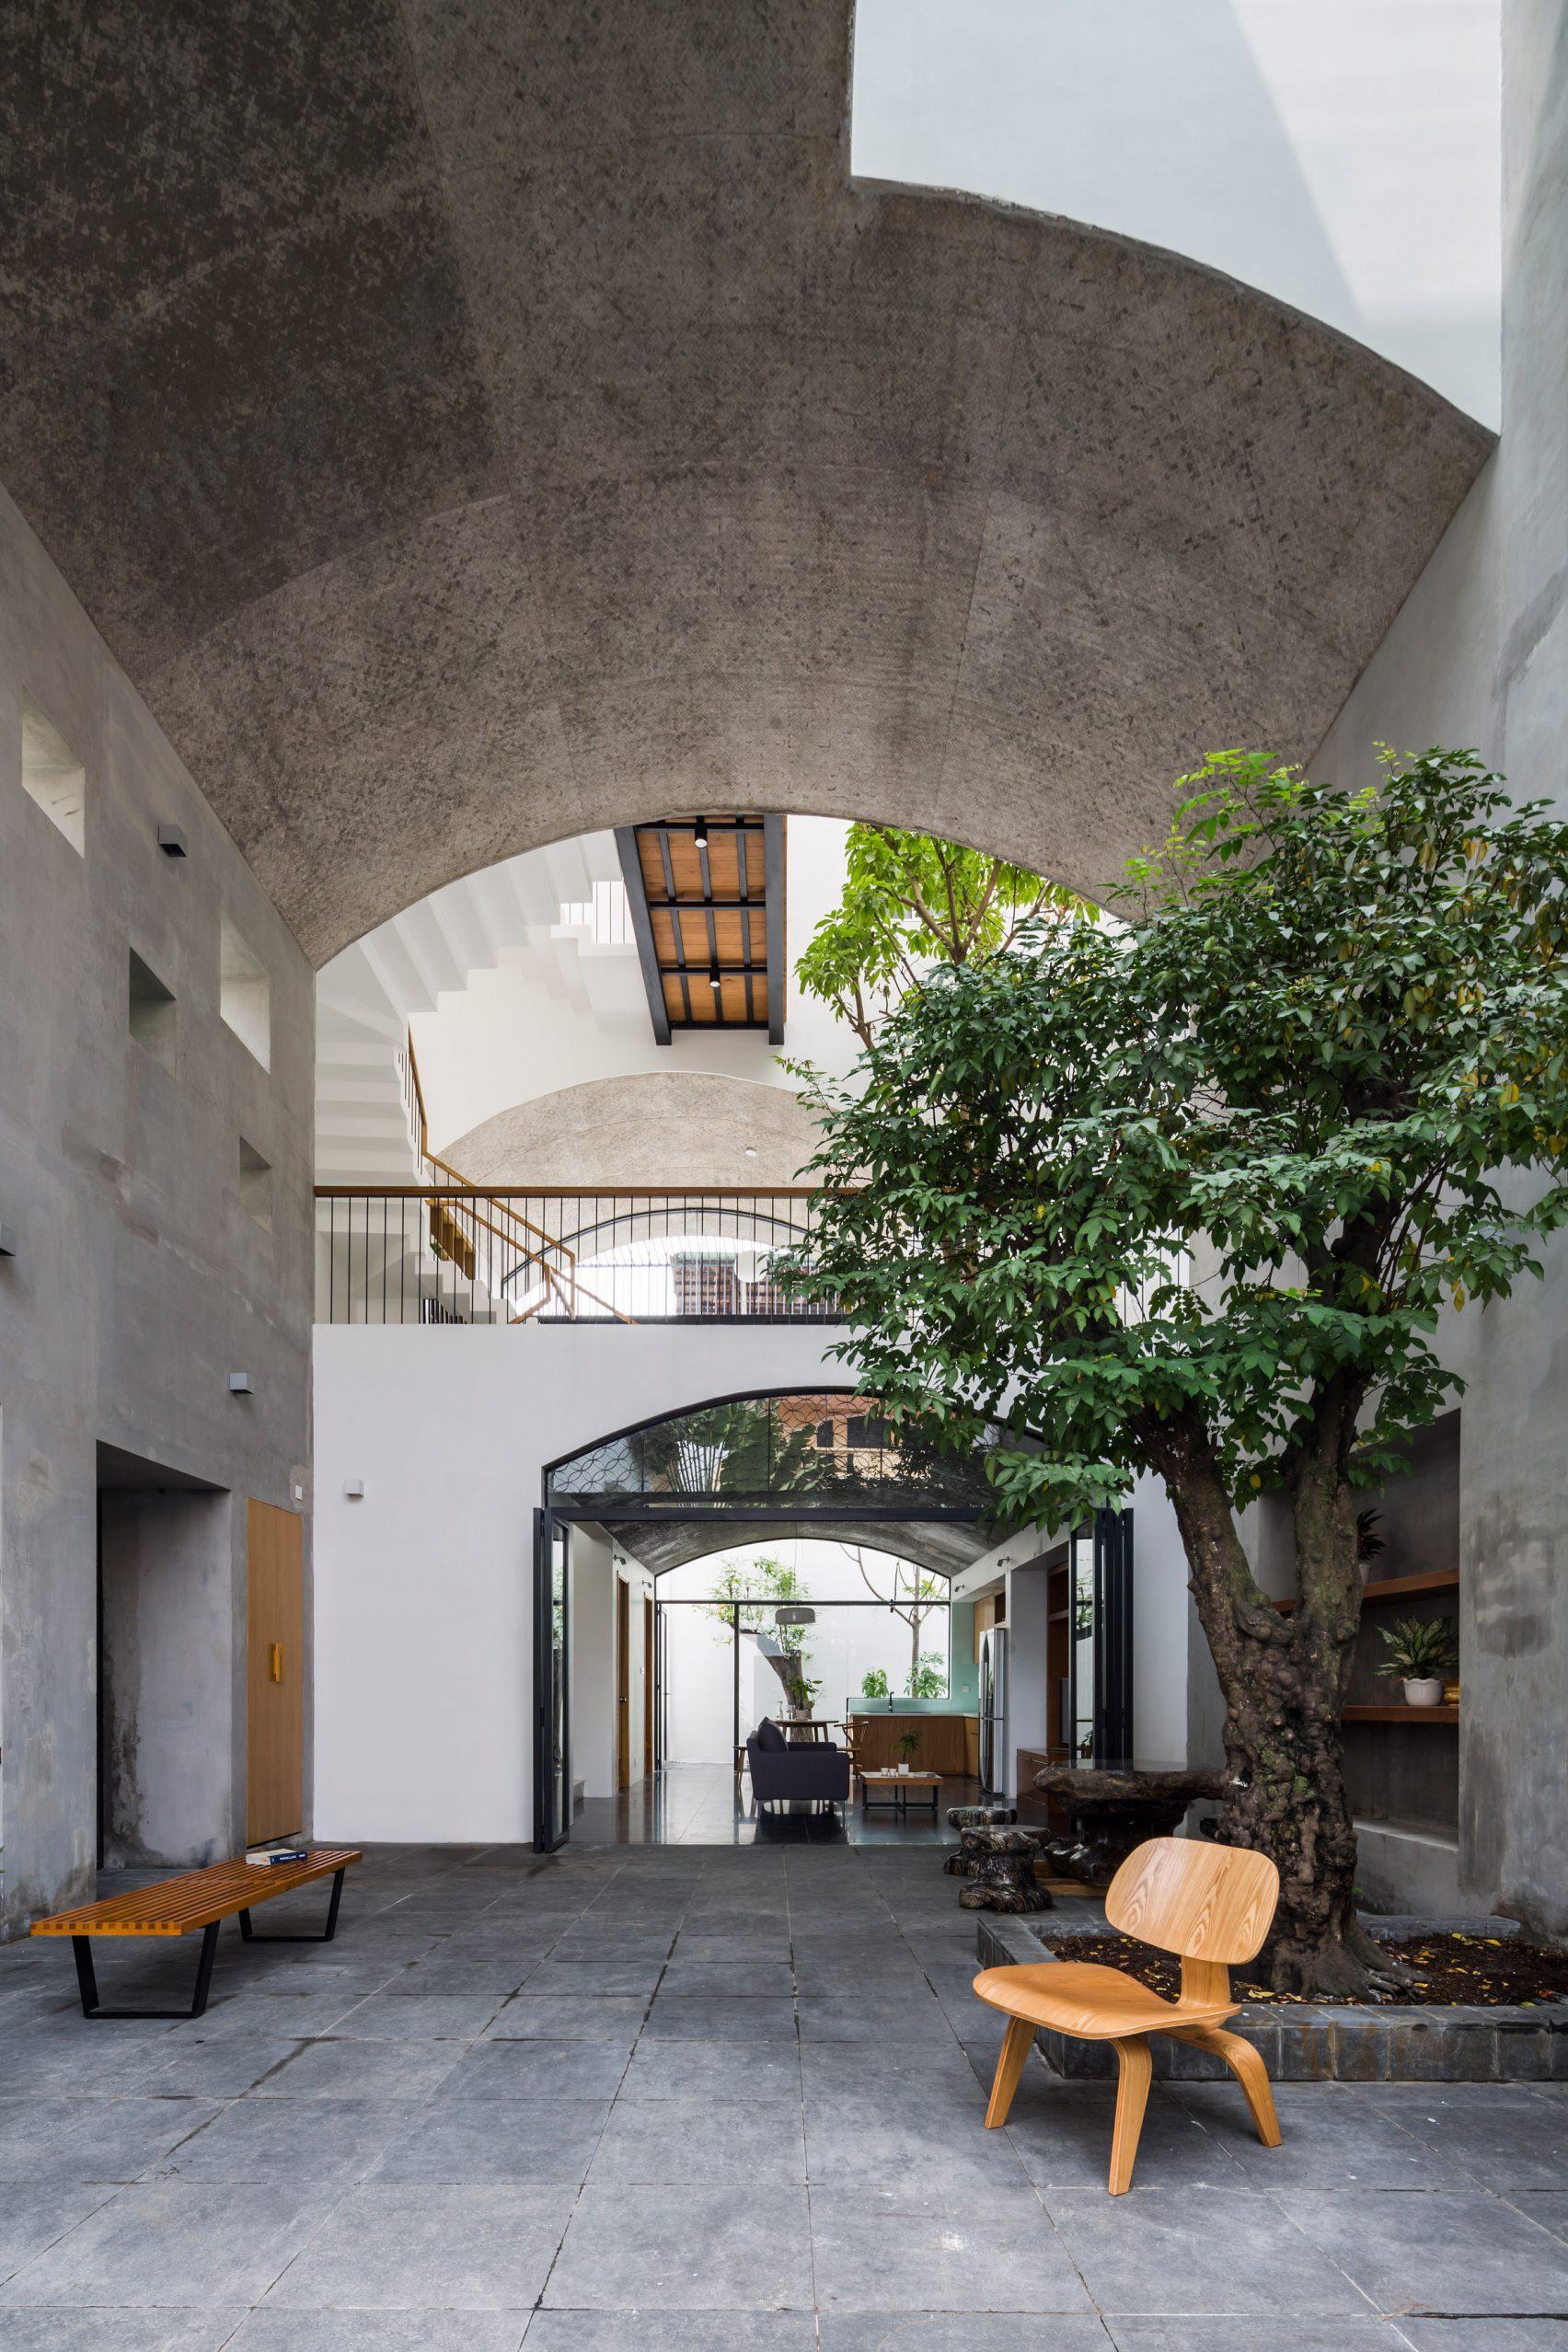 Nhà phố rộng 380 m2 với 3 phòng ngoài trời hình vòm độc đáo ở Sài Gòn - 2